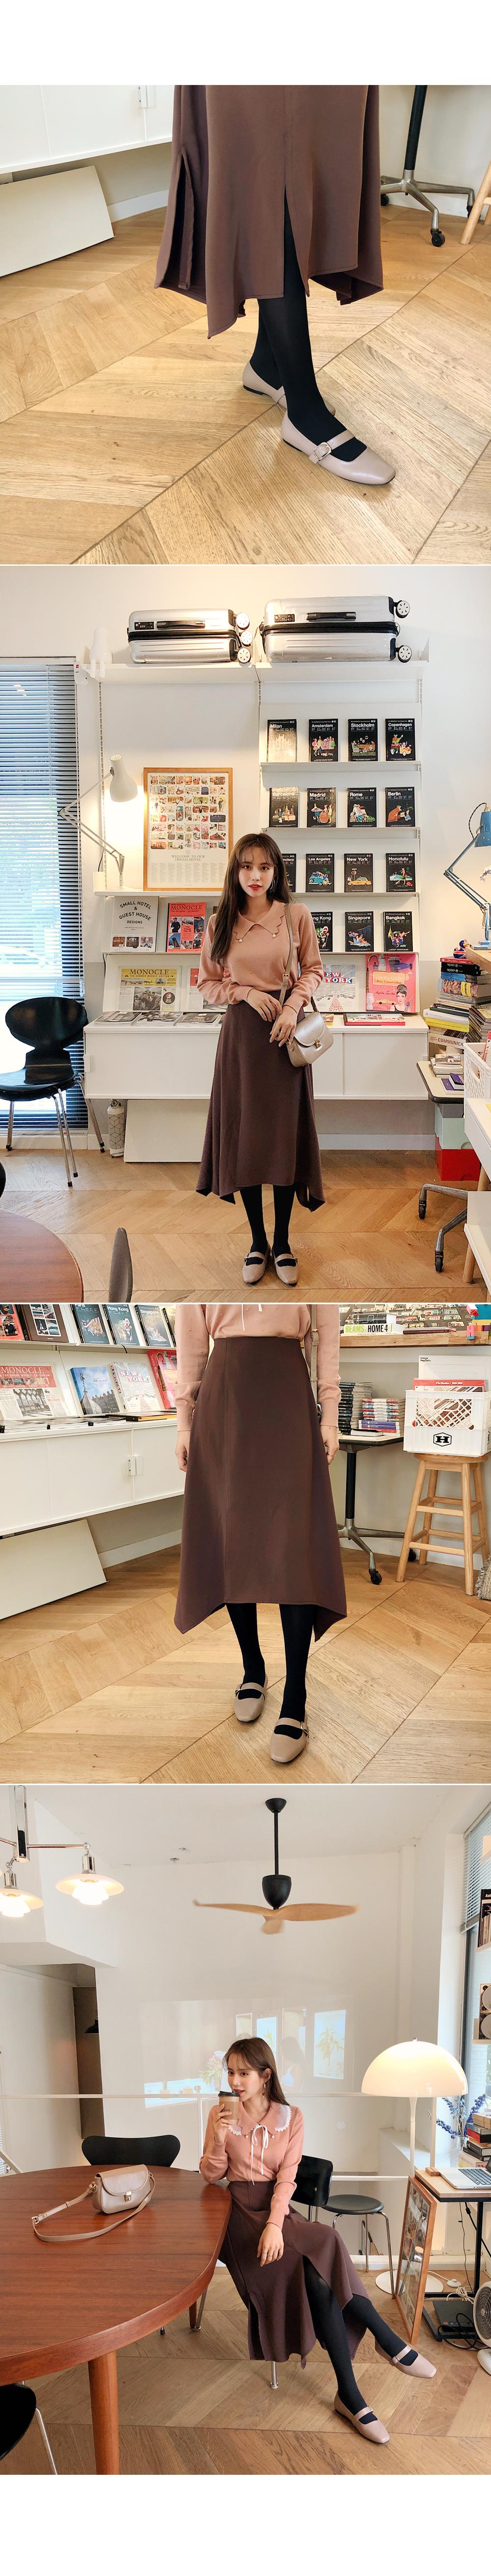 Romantic trimmed skirt